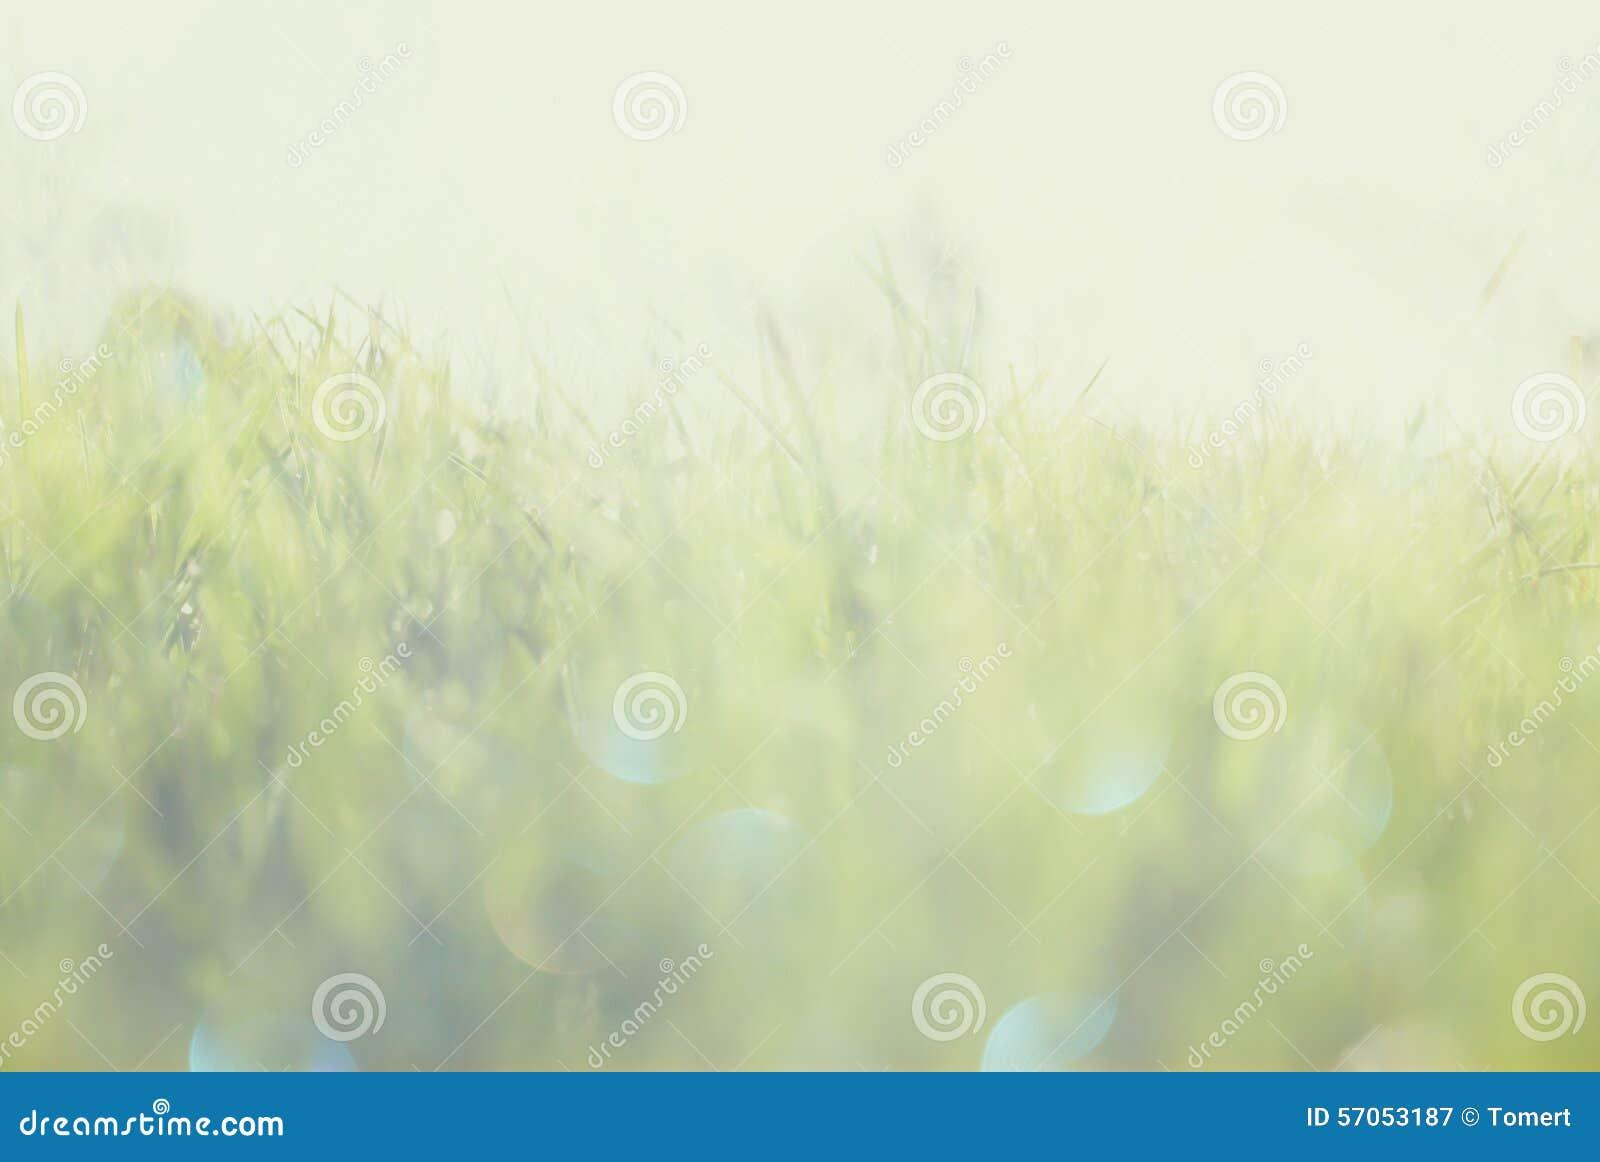 De abstracte foto van licht barstte onder gras en schittert bokeh lichten het beeld is vaag en gefiltreerd